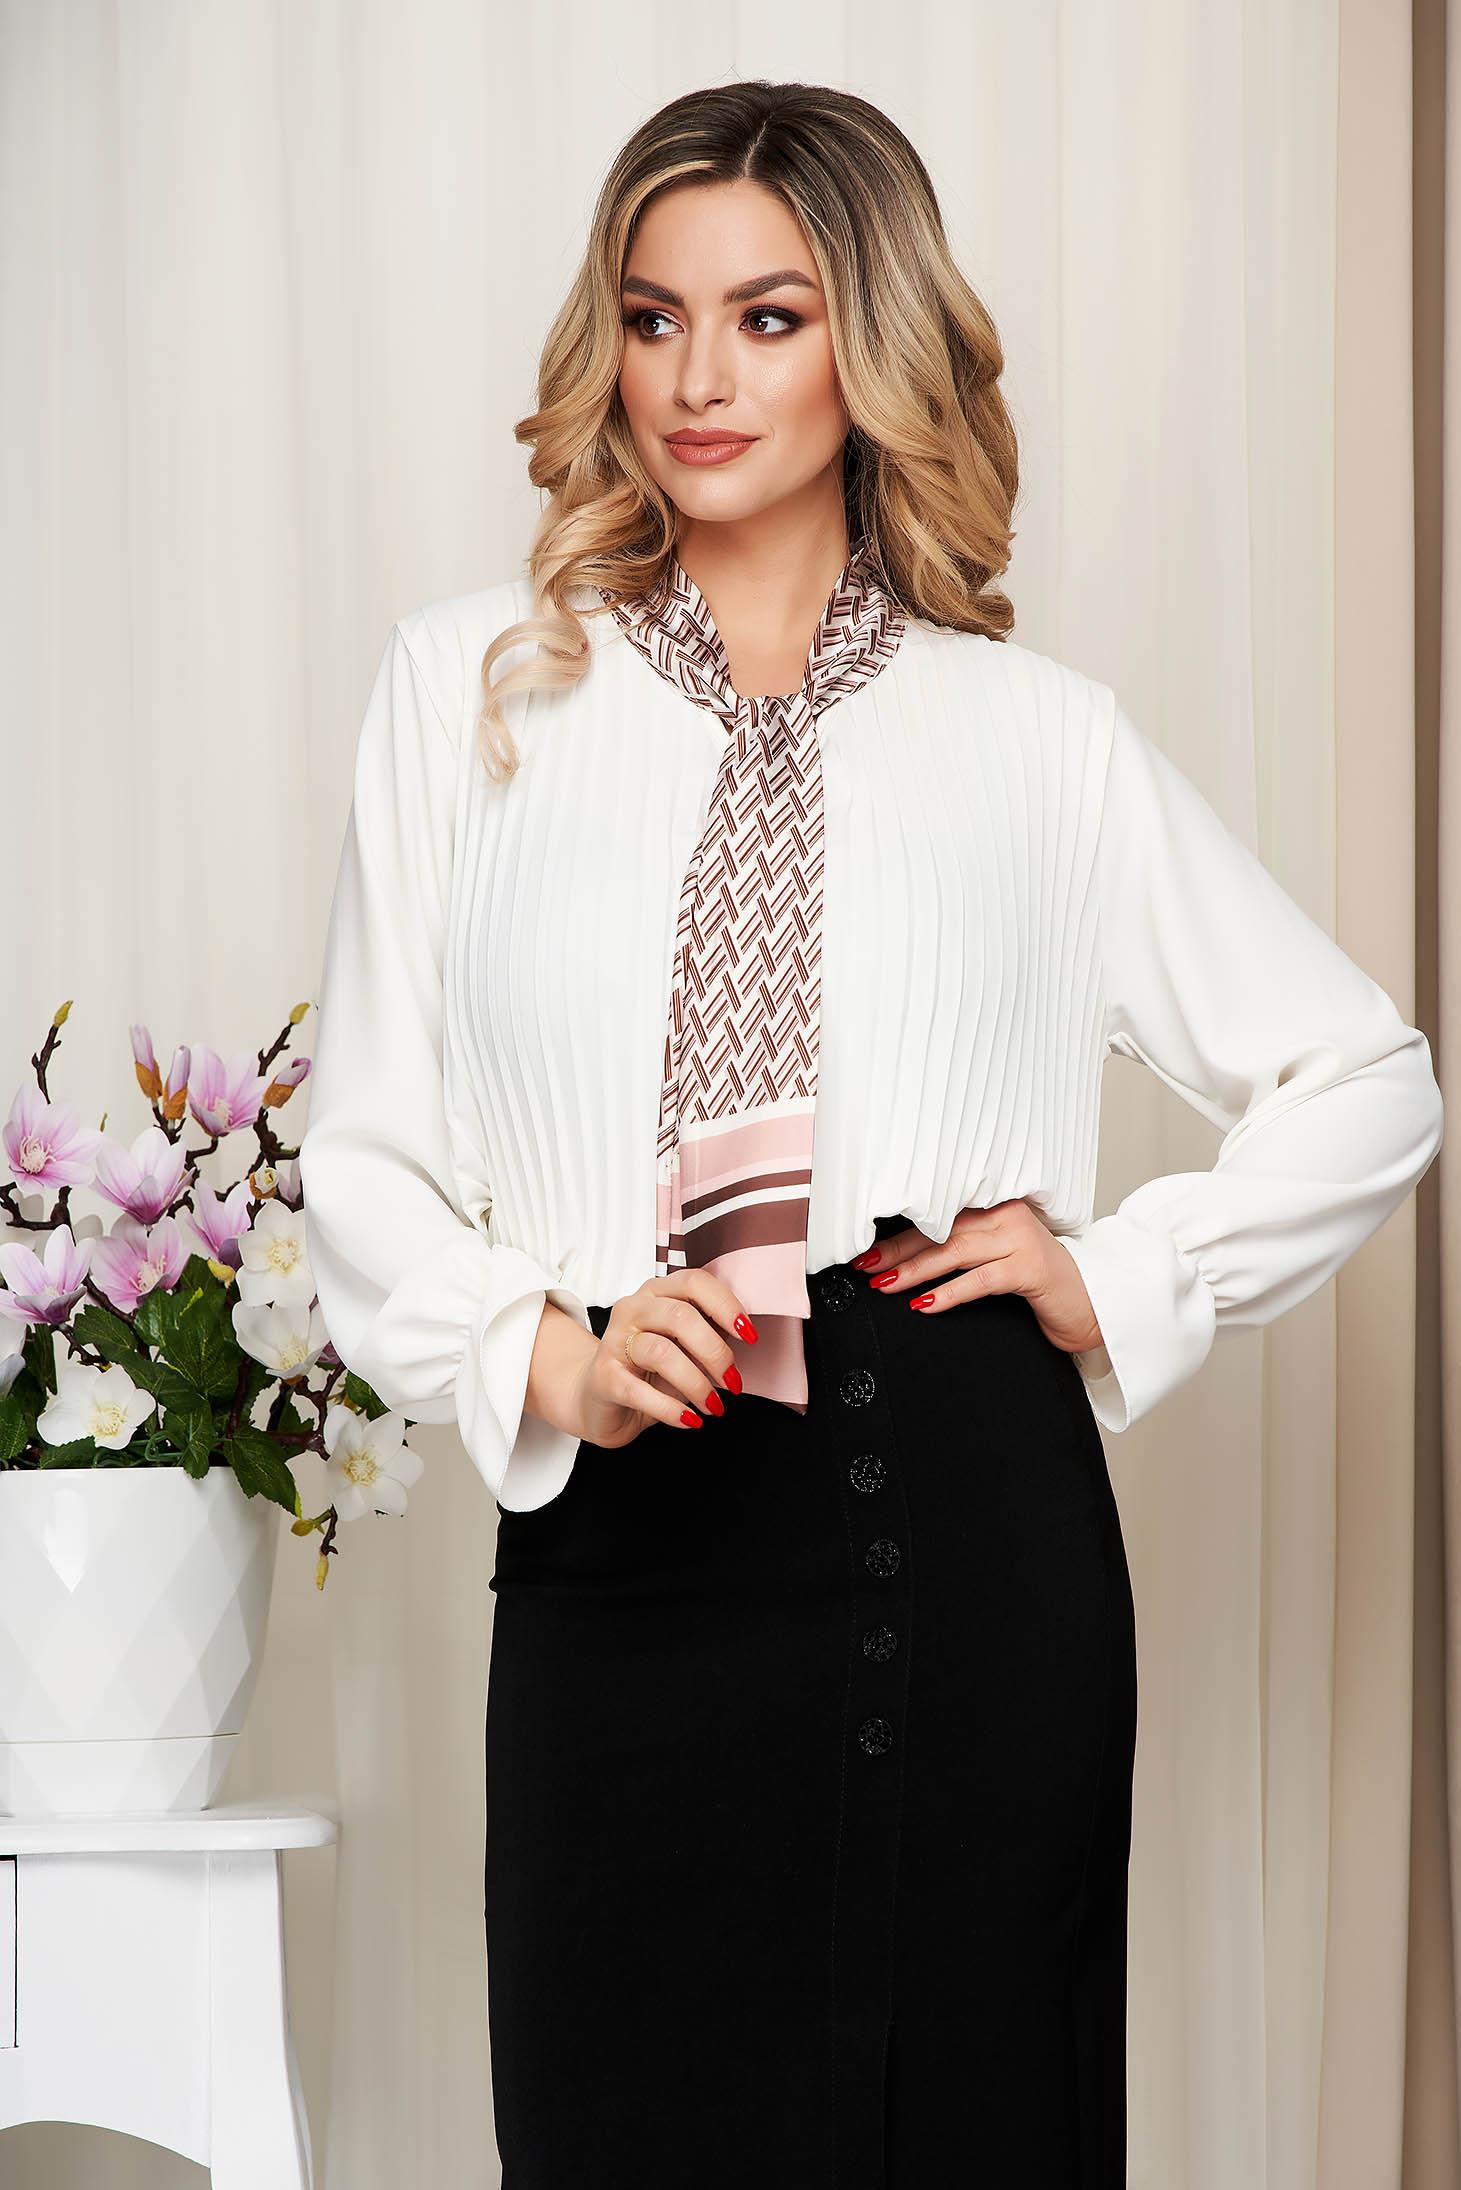 Bluza dama SunShine alba office cu croi larg plisata cu guler tip esarfa